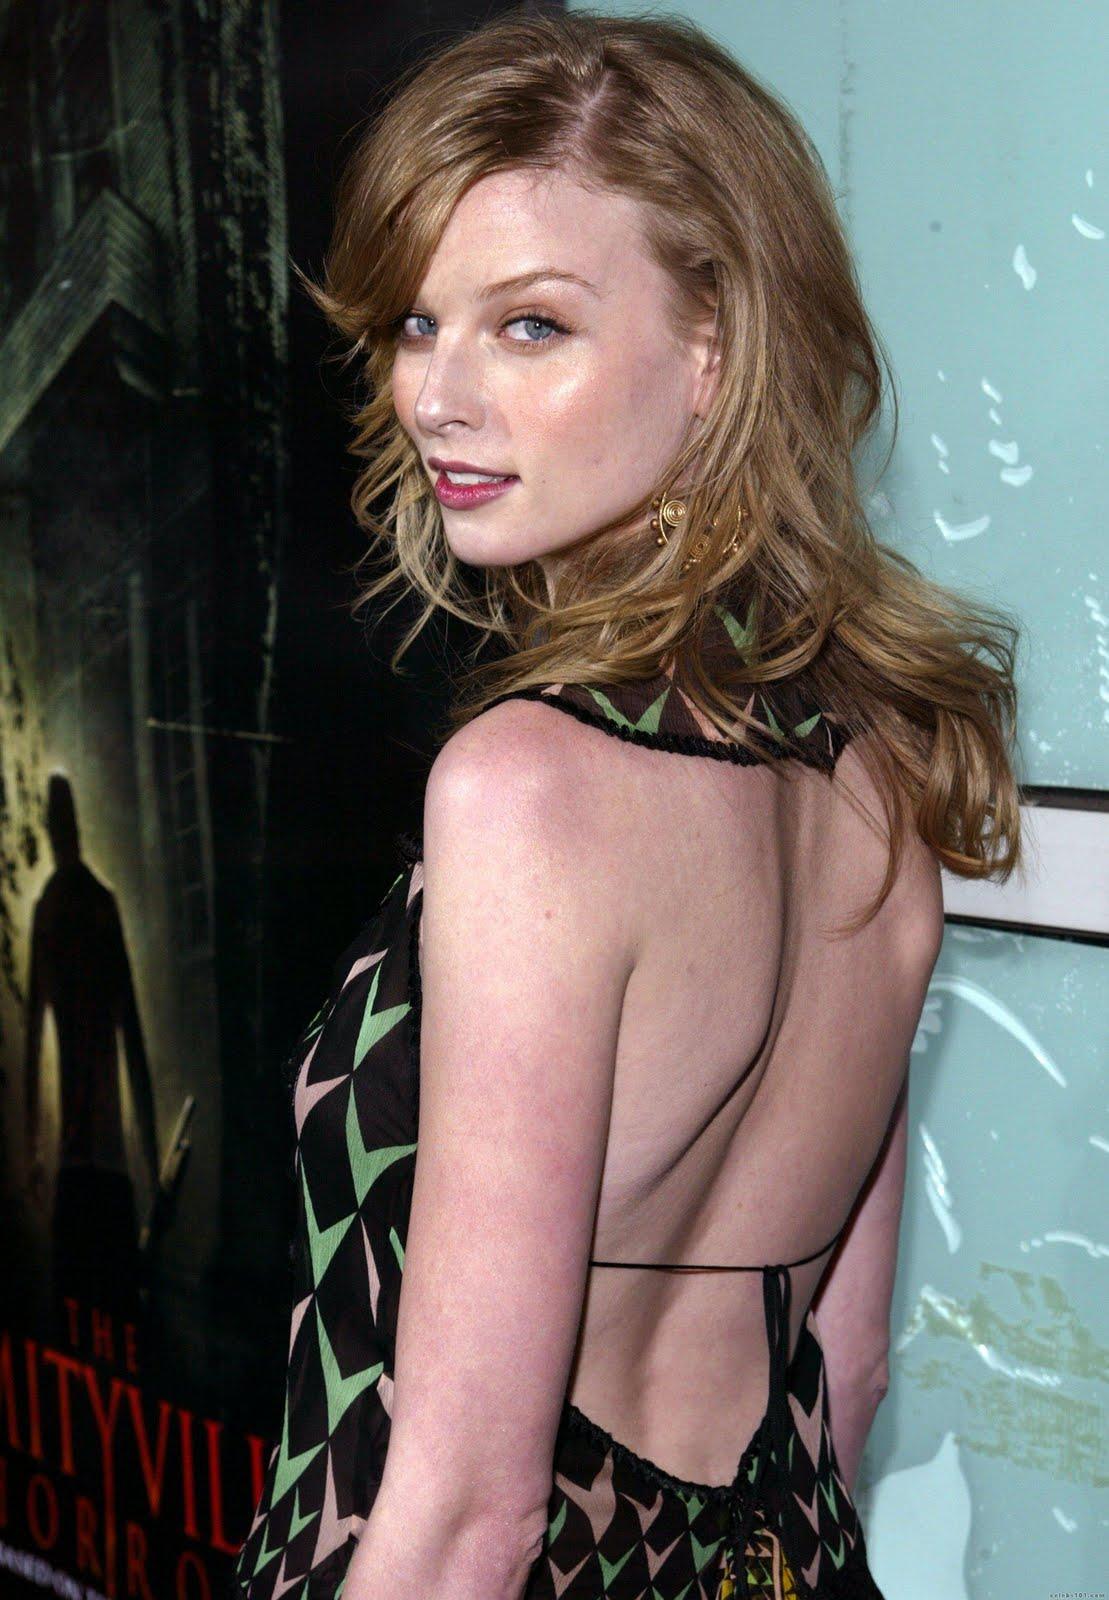 actress rachel nichols hot